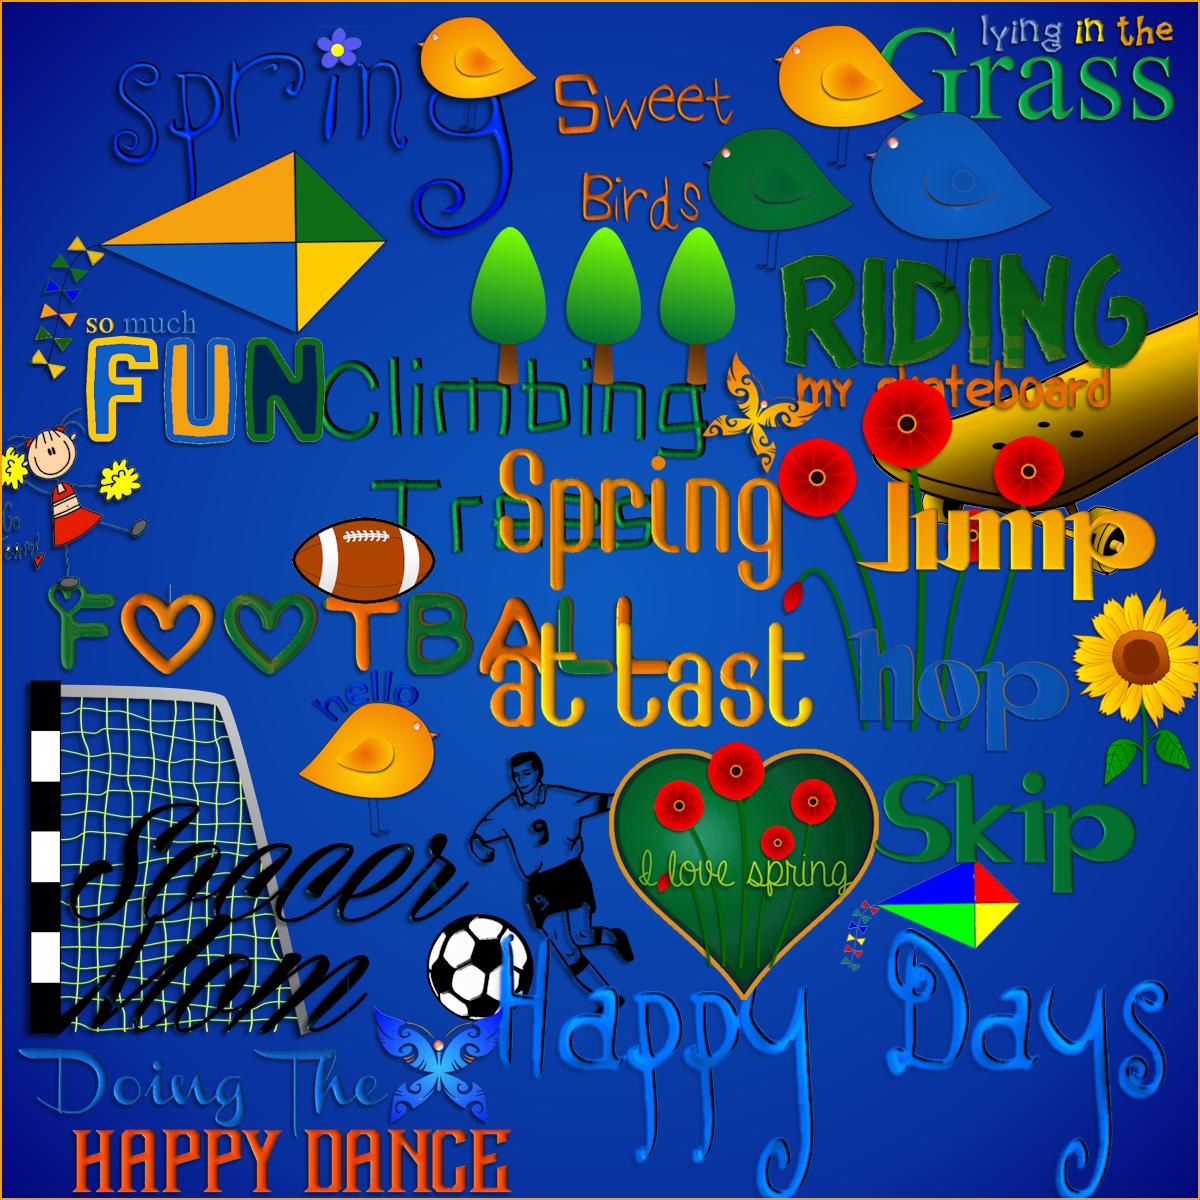 http://2.bp.blogspot.com/-wtSnWrSKc3g/UzWdI6I1TfI/AAAAAAAAEfc/TwI9wWUaJ7g/s1600/spring_at_last_wordart_preview_rainy.png